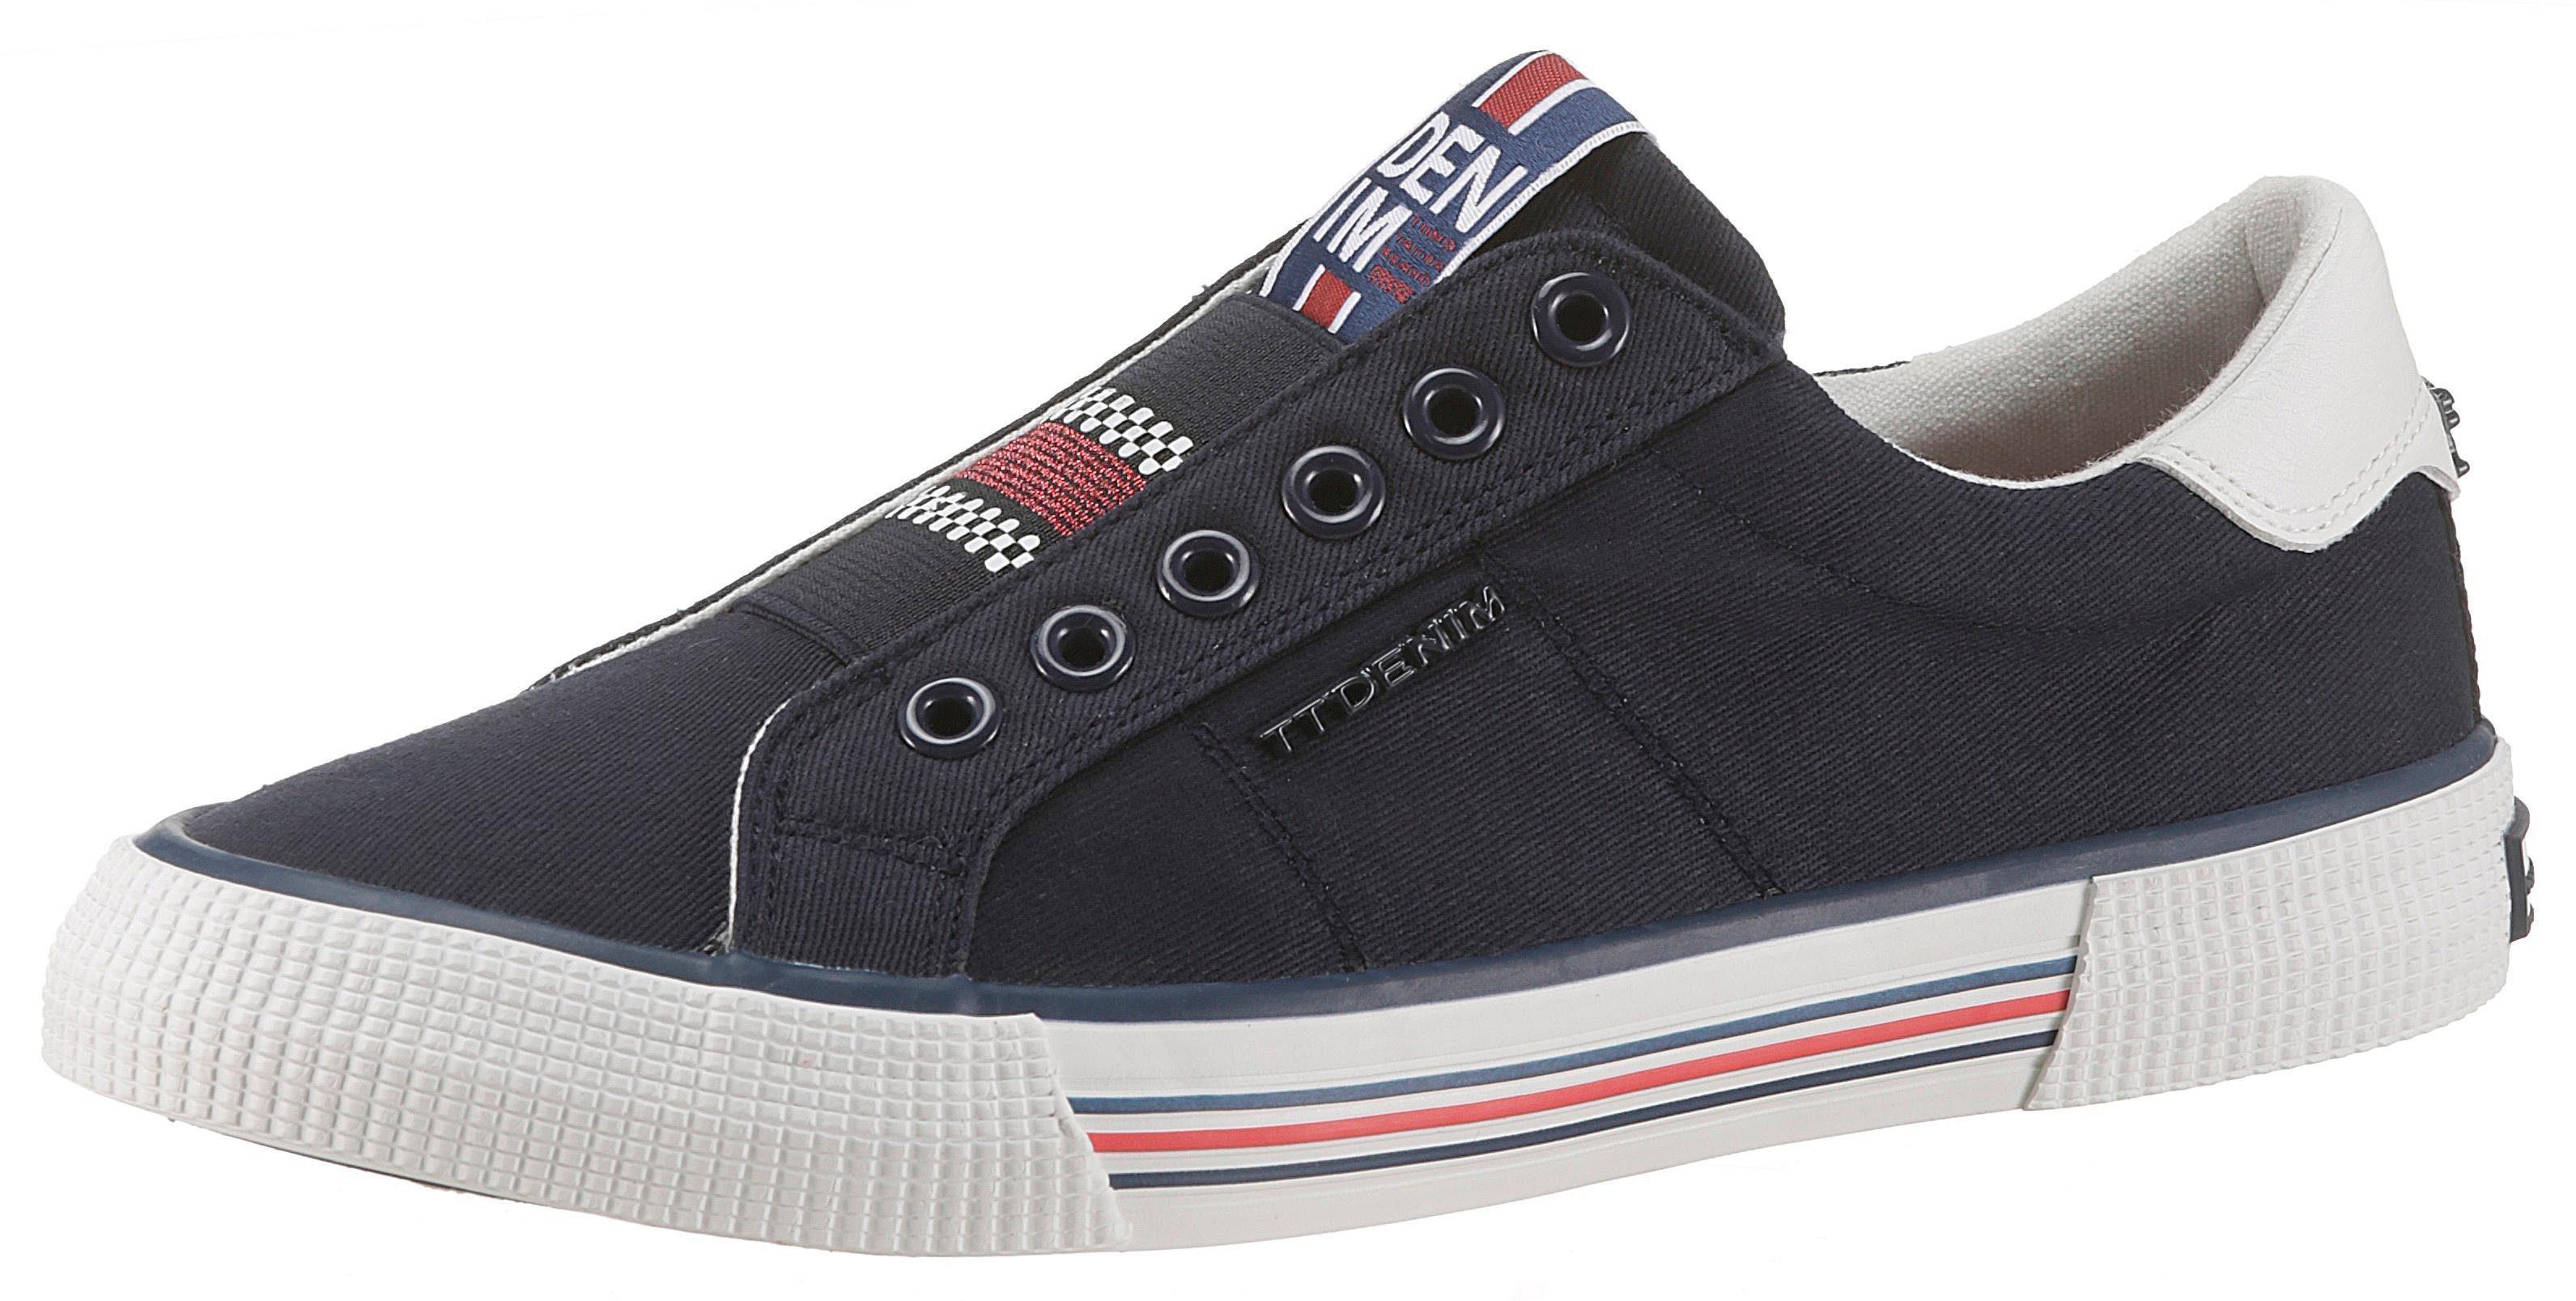 TOM TAILOR Slip On Sneaker mit Gummizug, Obermaterial aus softem Textil online kaufen | OTTO